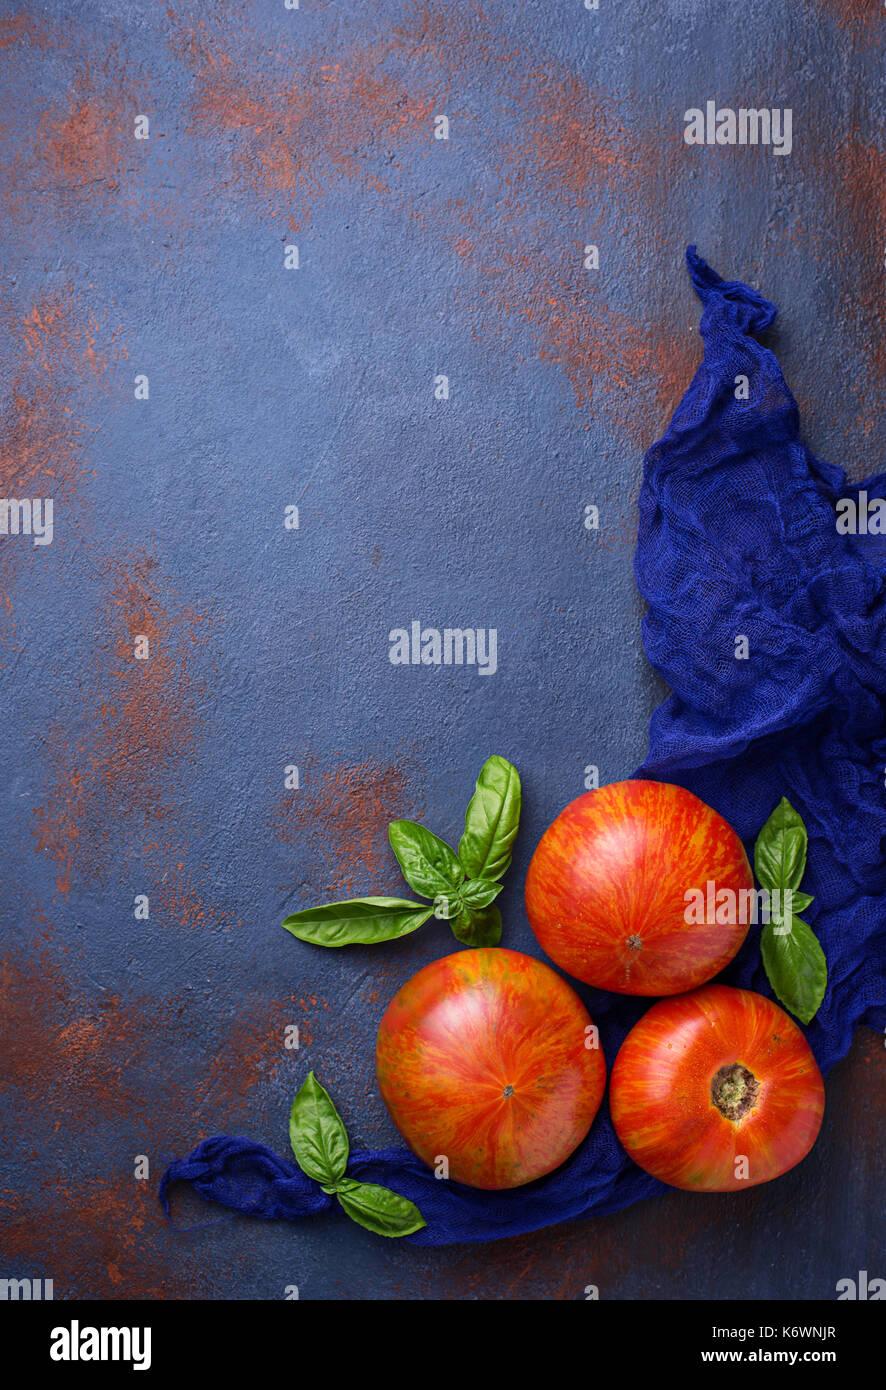 Fresh tomato on blue rusty background.  - Stock Image